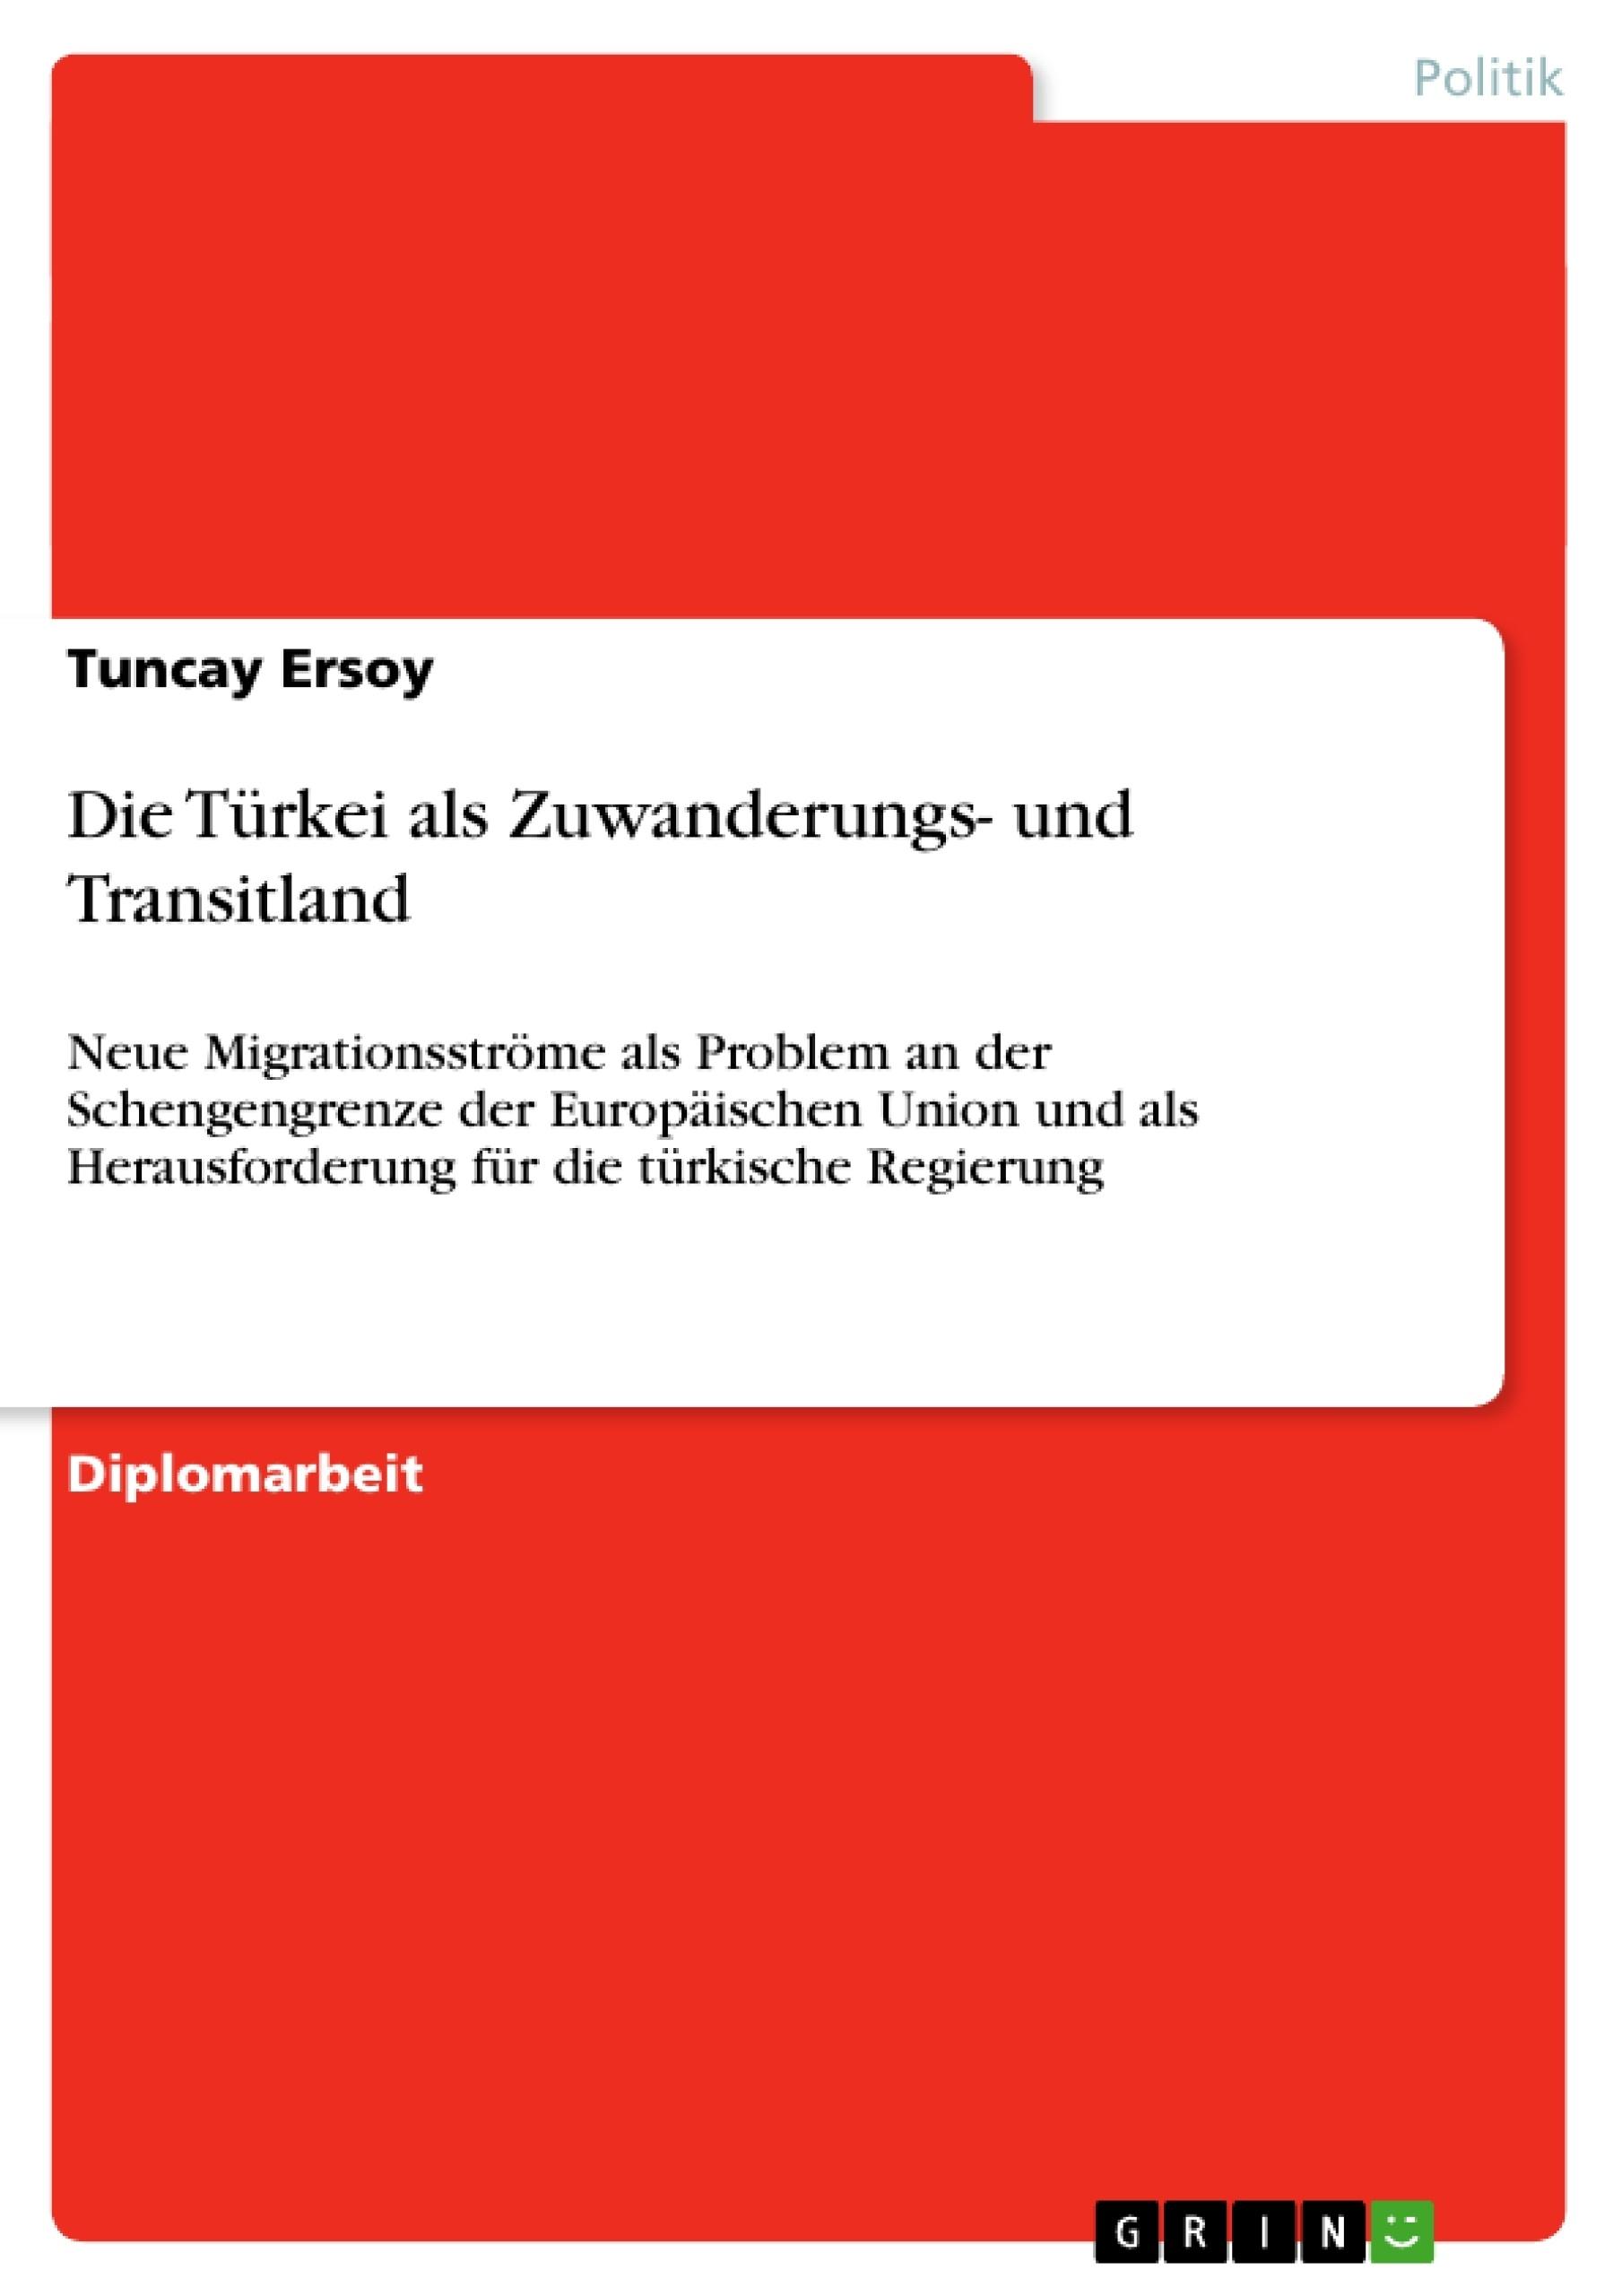 Titel: Die Türkei als Zuwanderungs- und Transitland